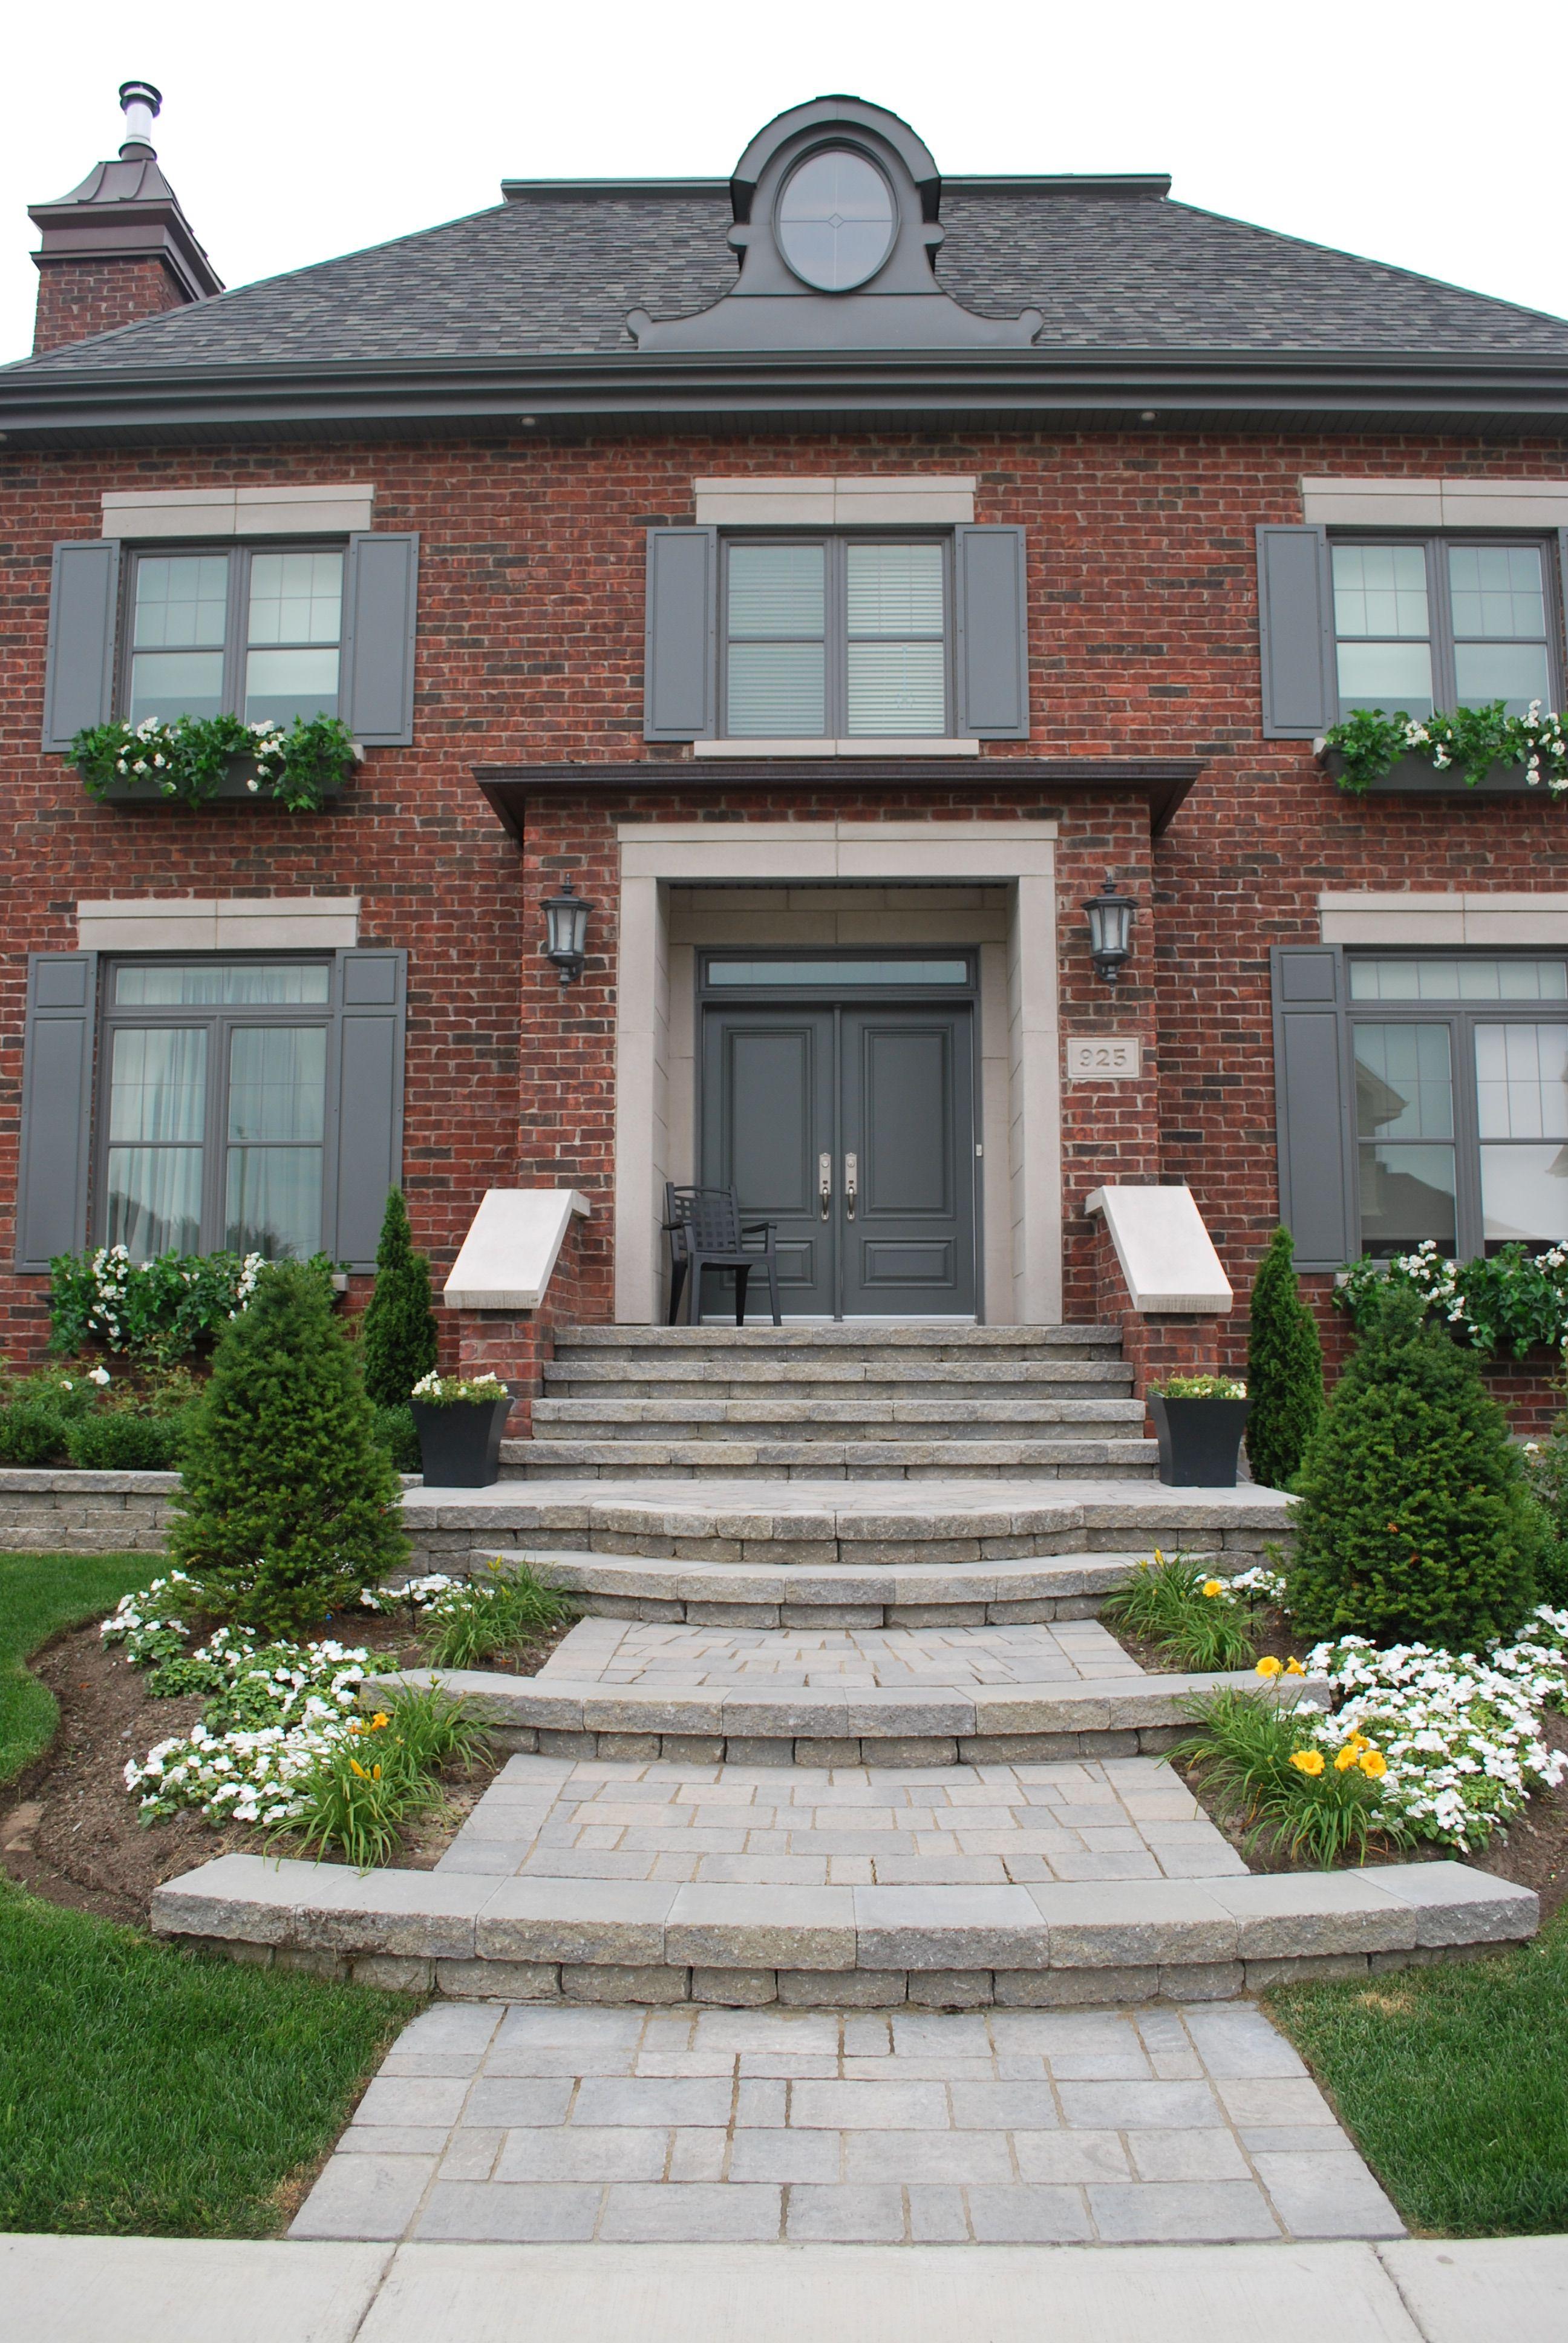 Aménagement paysager de la façade de la maison avec escalier, pavé ...